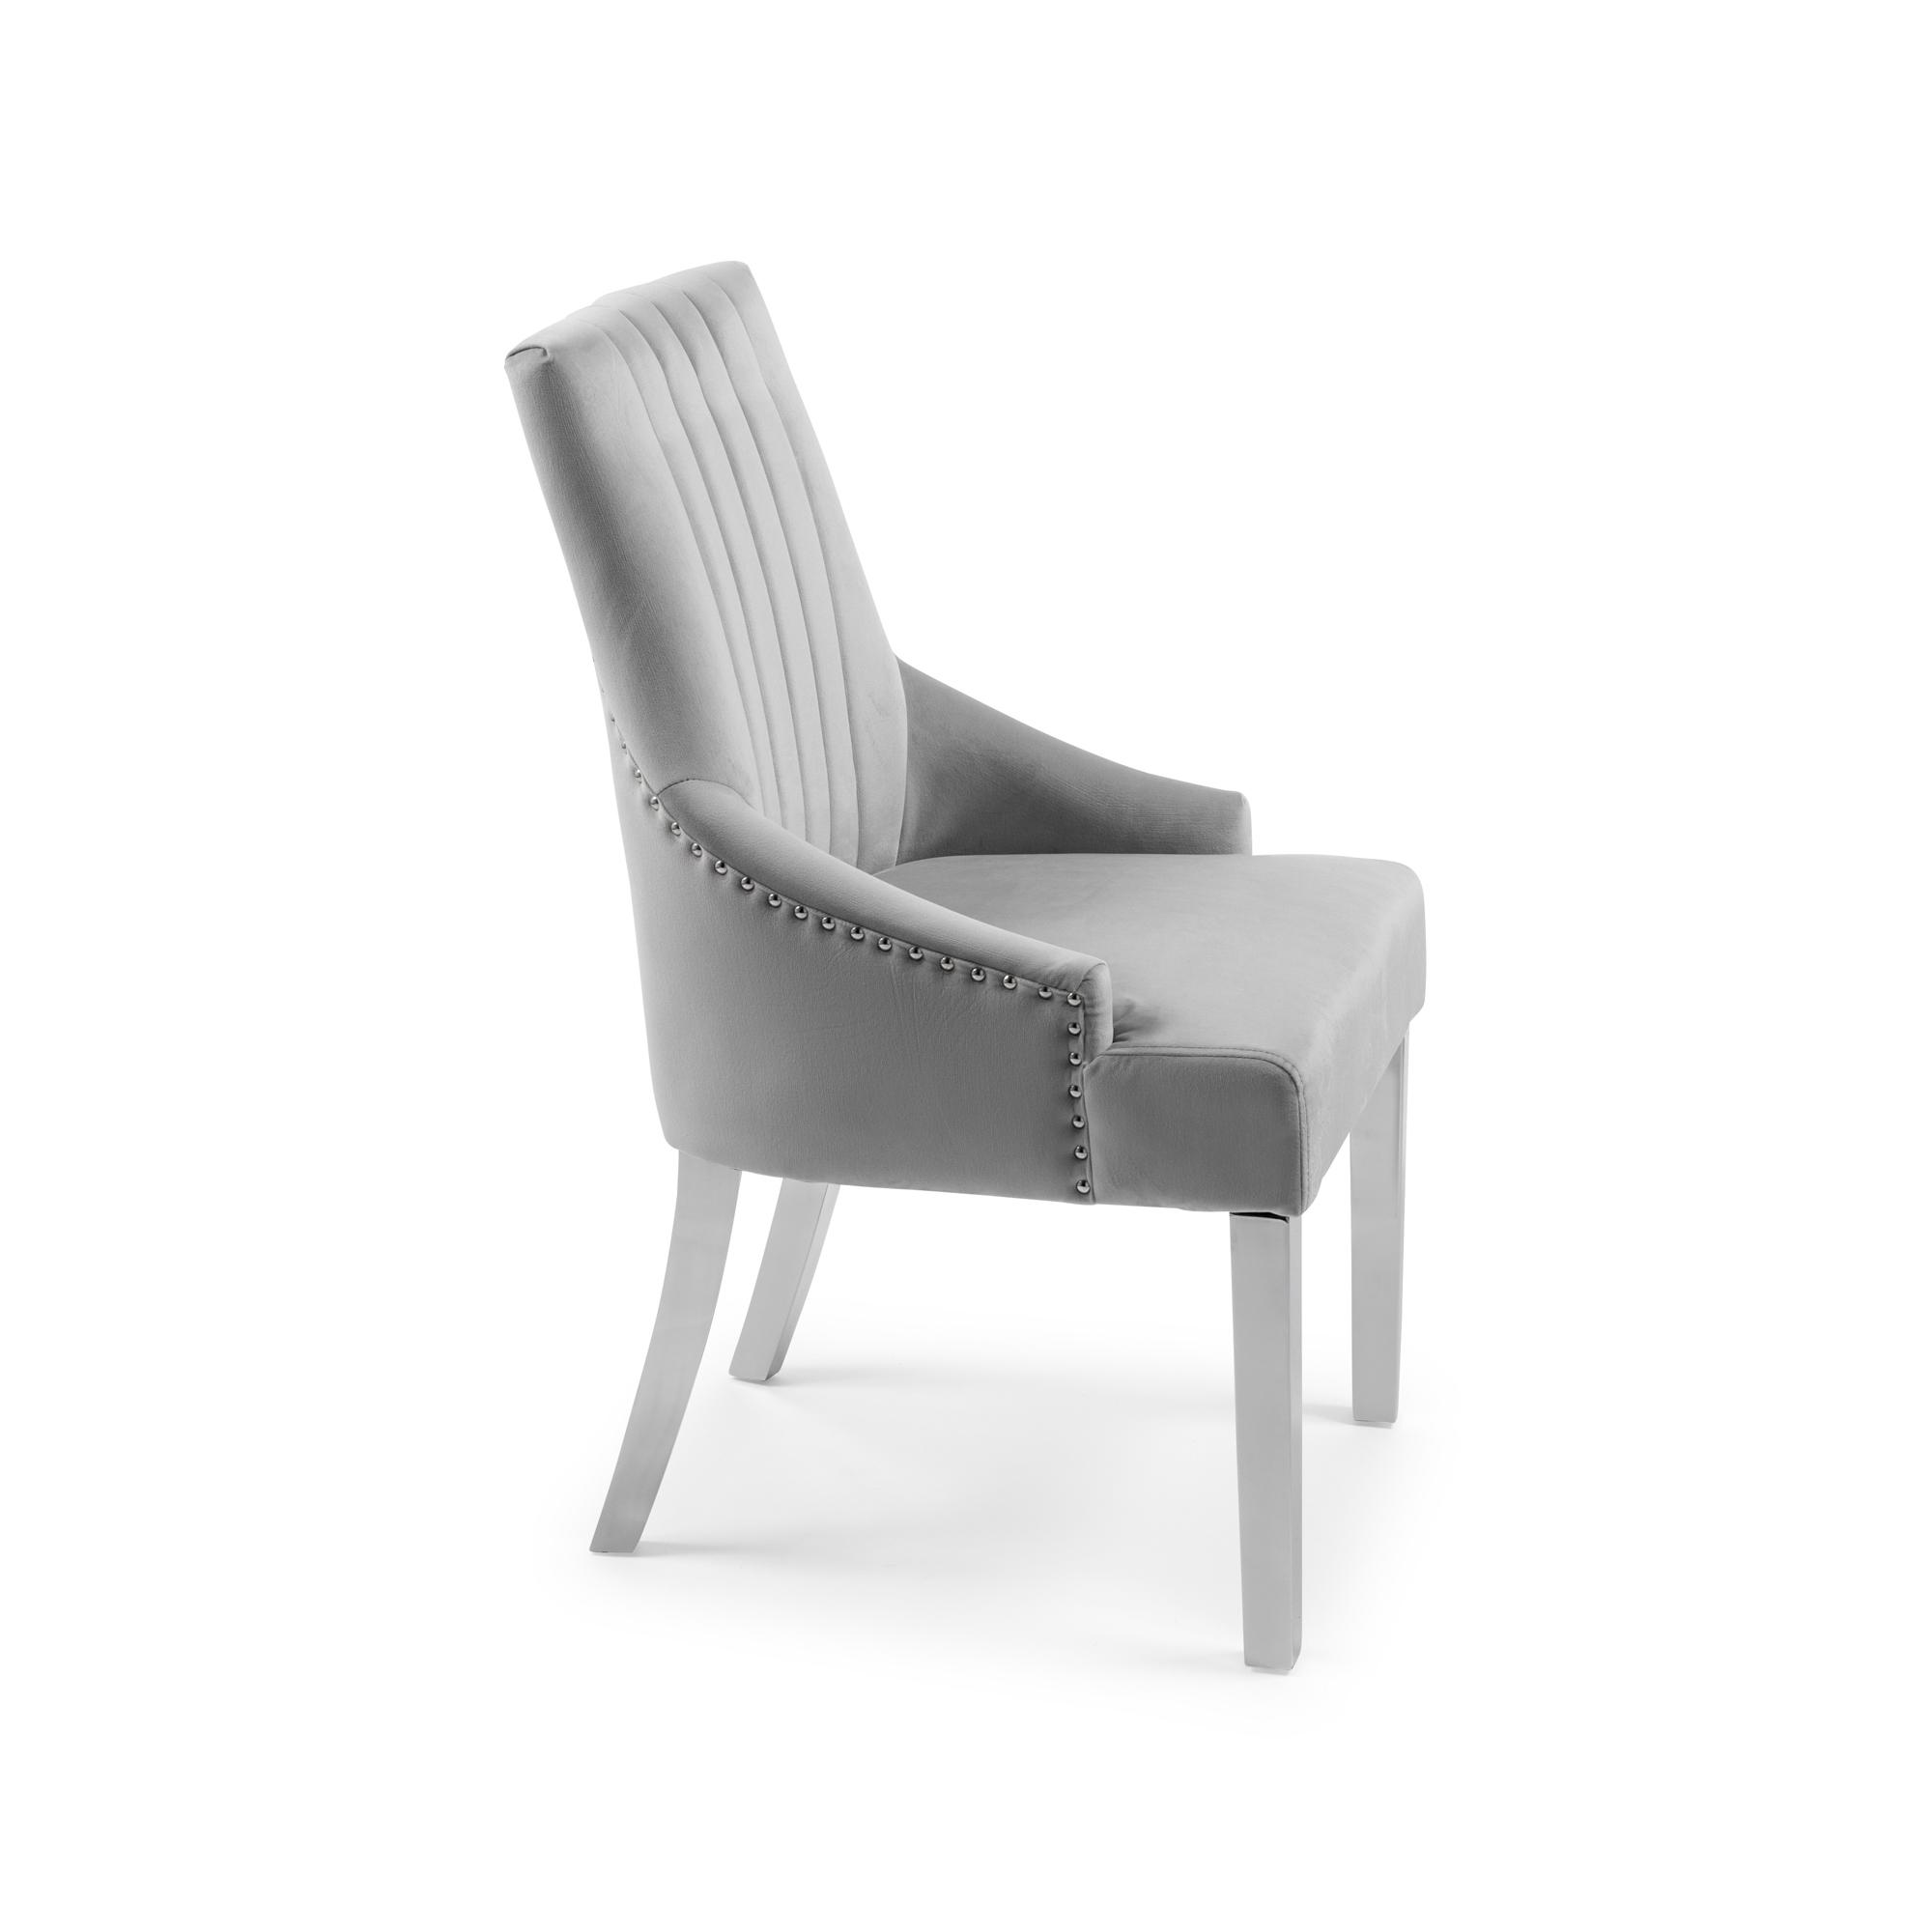 Chelsea Dove Grey Brushed Velvet Upholstered Scoop Dining Chair (Stainless Steel Legs)